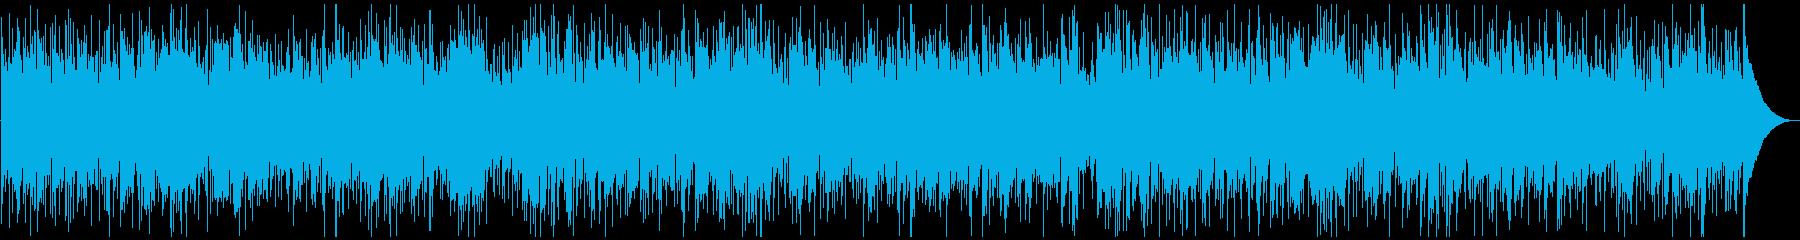 シンプル、クールなスムースジャズの再生済みの波形